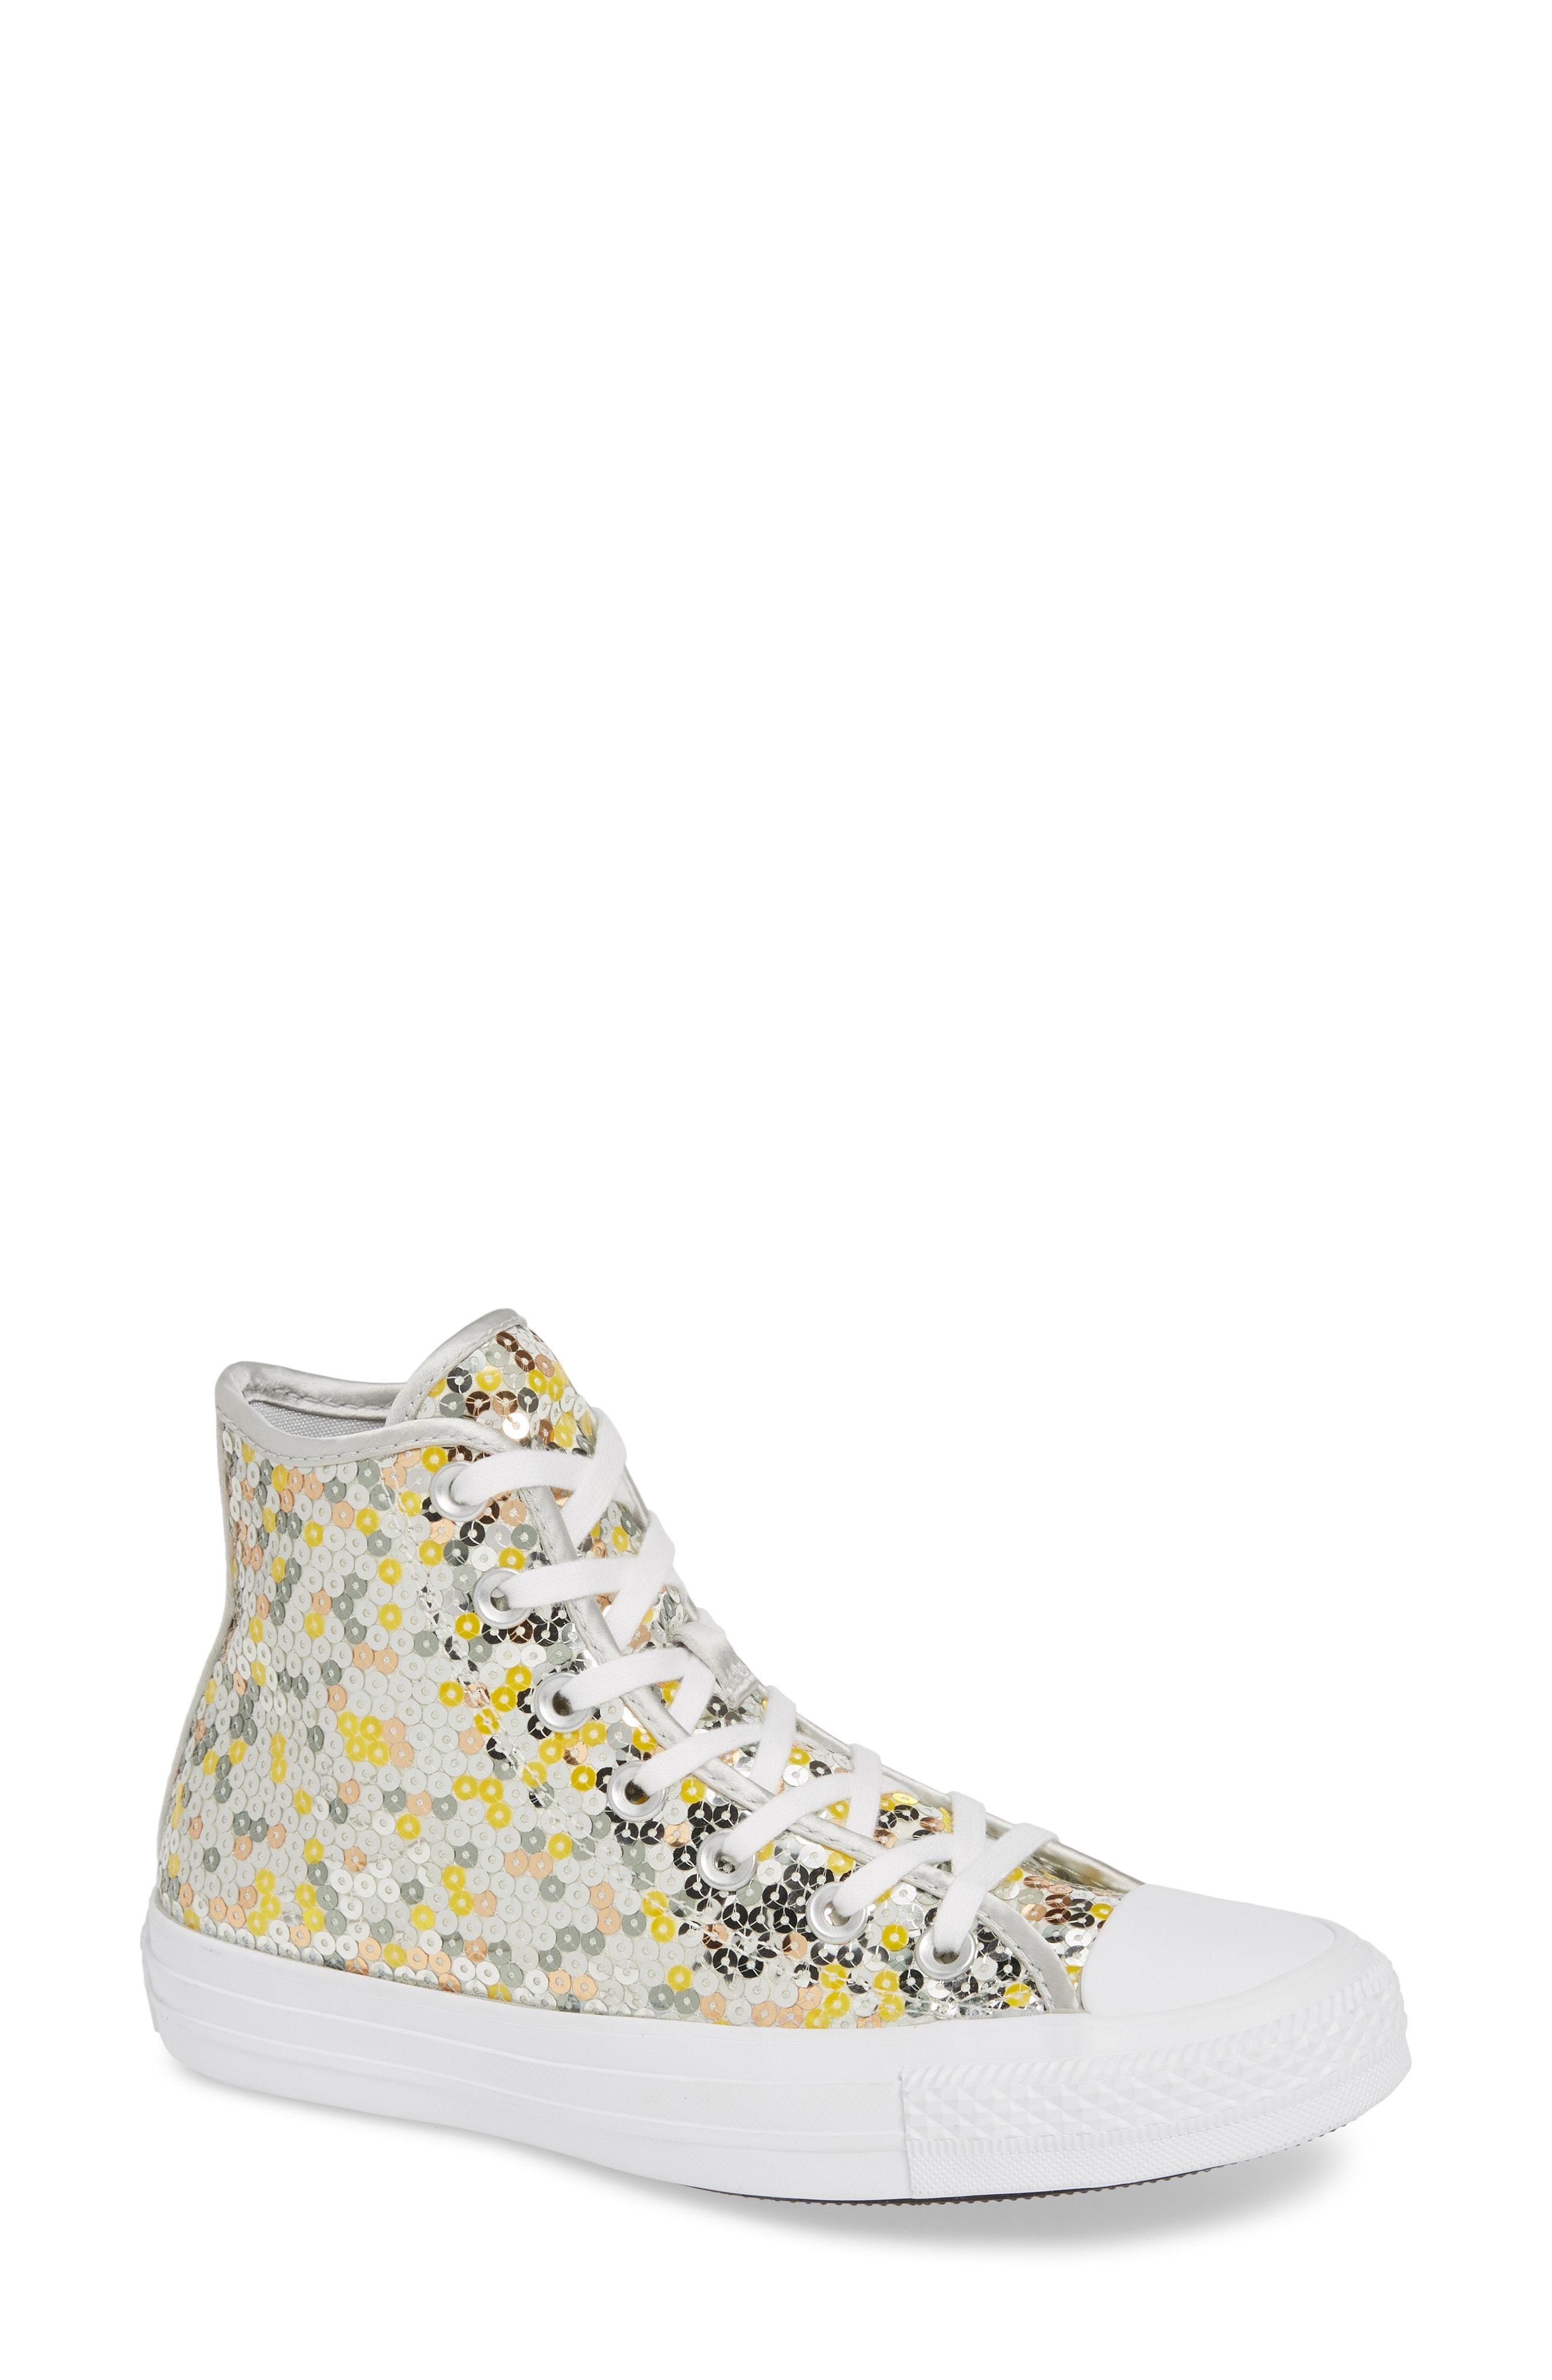 Converse Chuck Taylor All Star Sequin High Top Sneaker (Women)